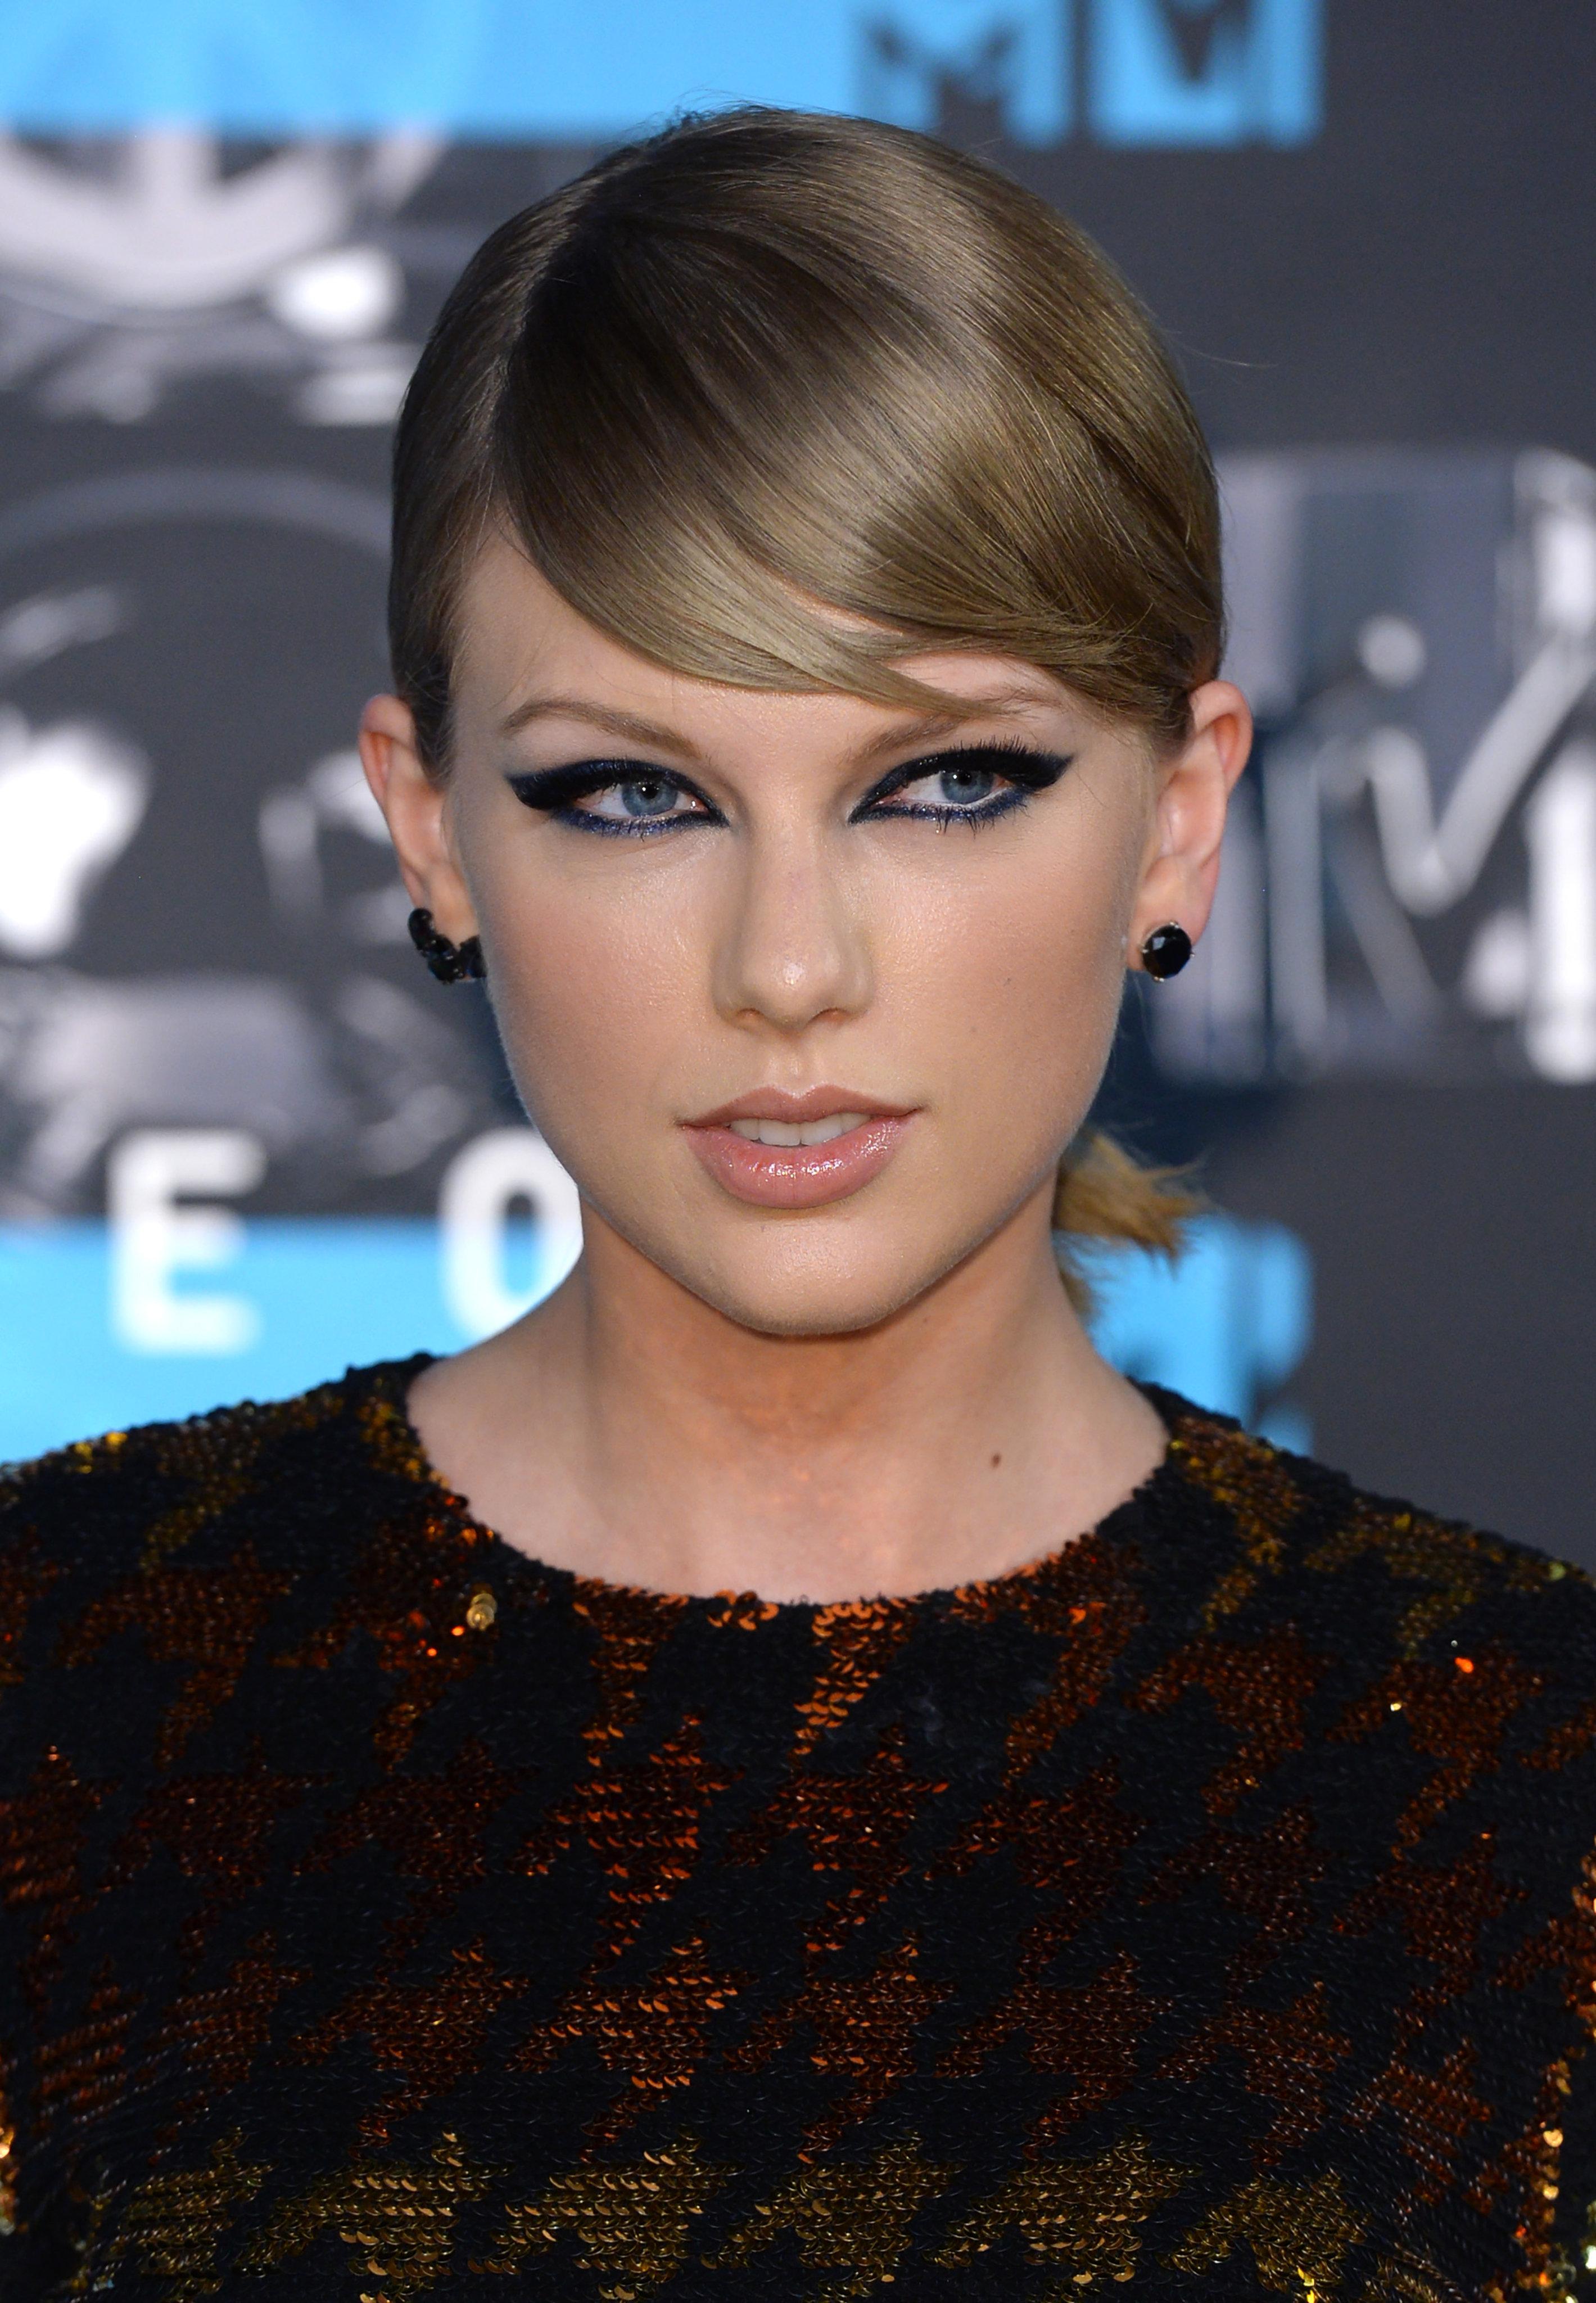 Taylor Swift Looks To Have Got Herself A New British Boyfriend